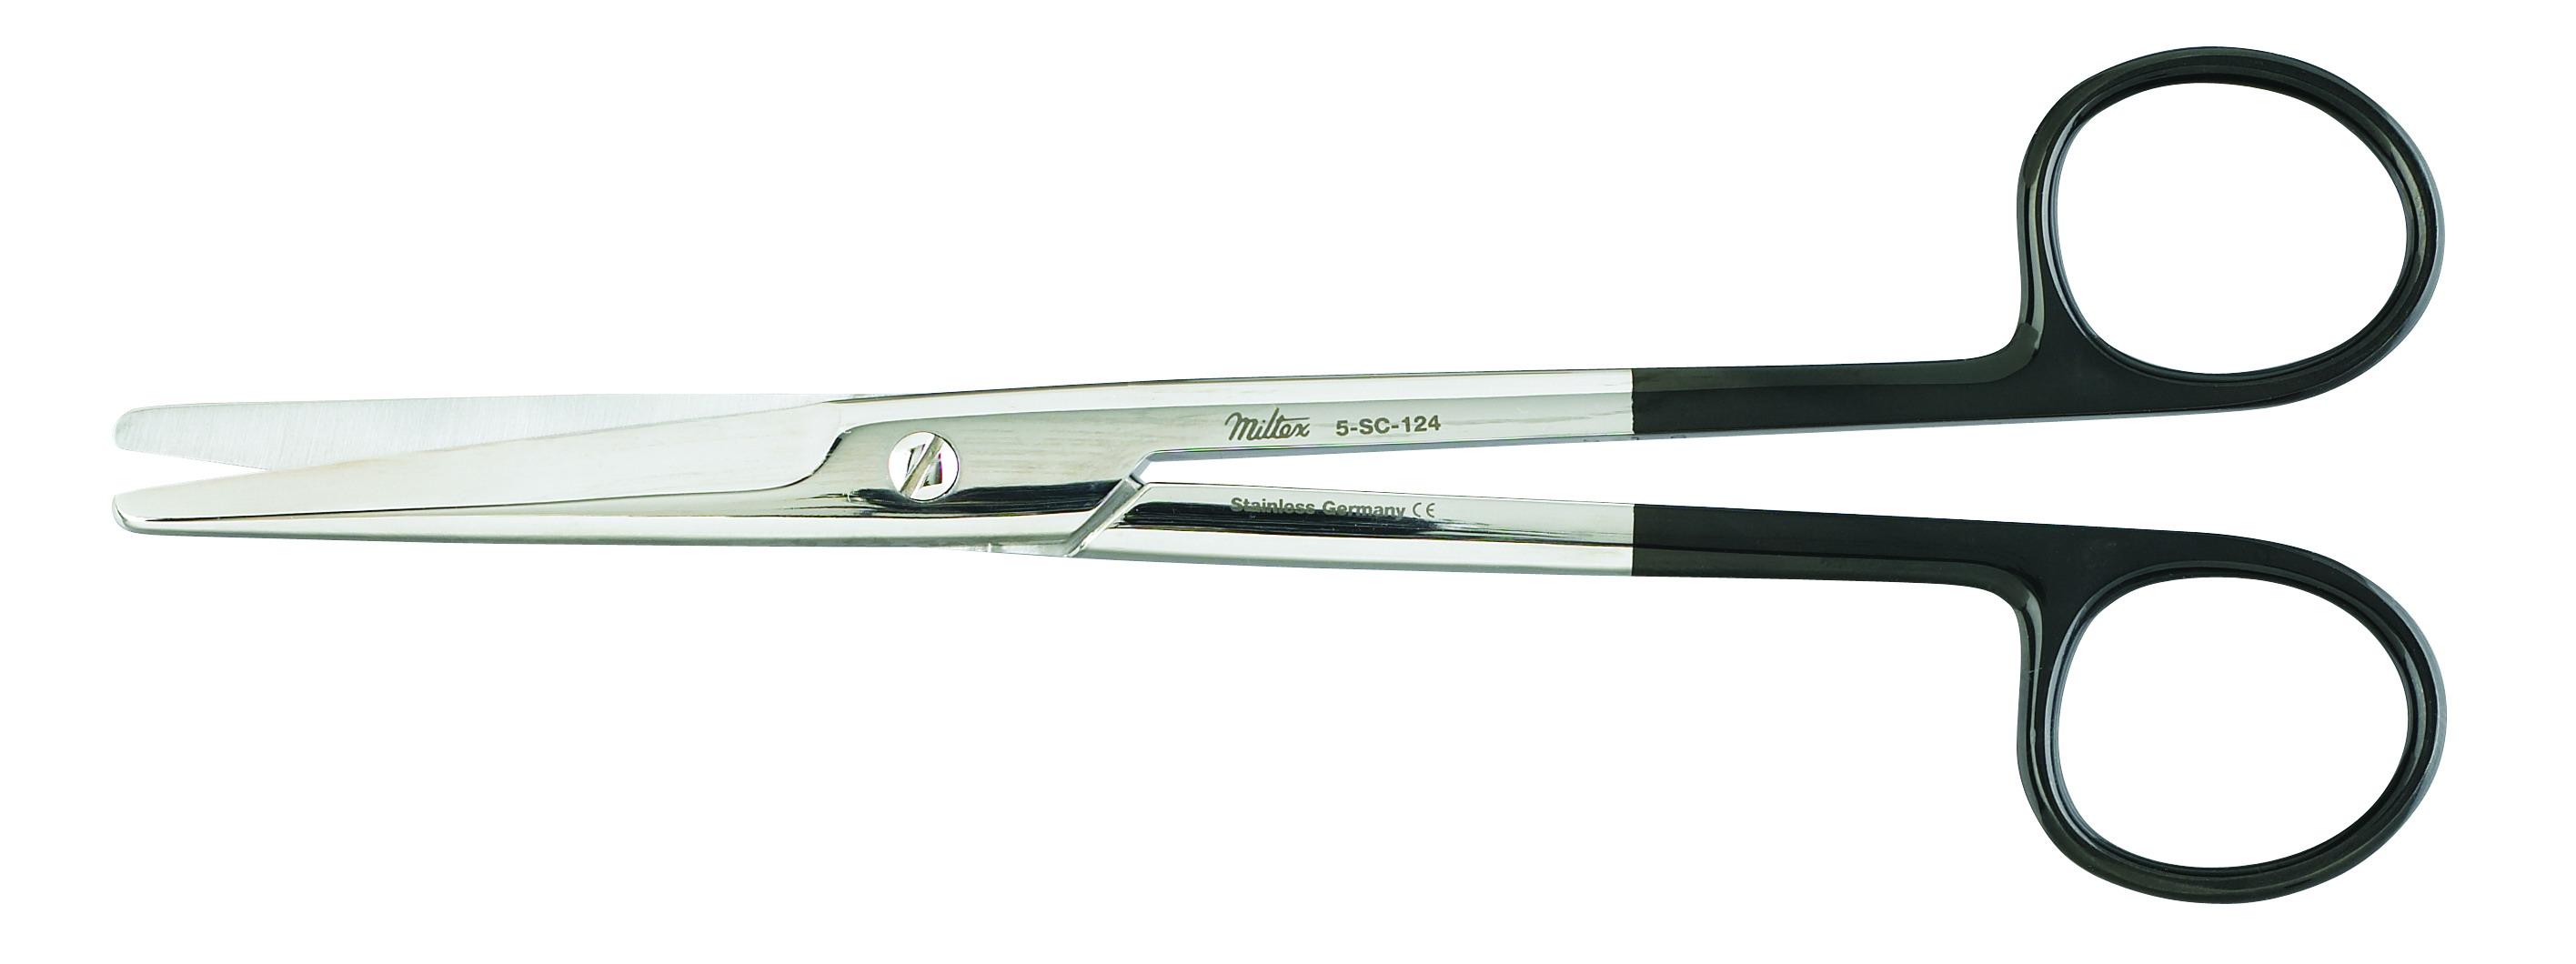 miltex-supercut-mayo-scissors-6-3-4-171-cm-straight-5-sc-124-miltex.jpg